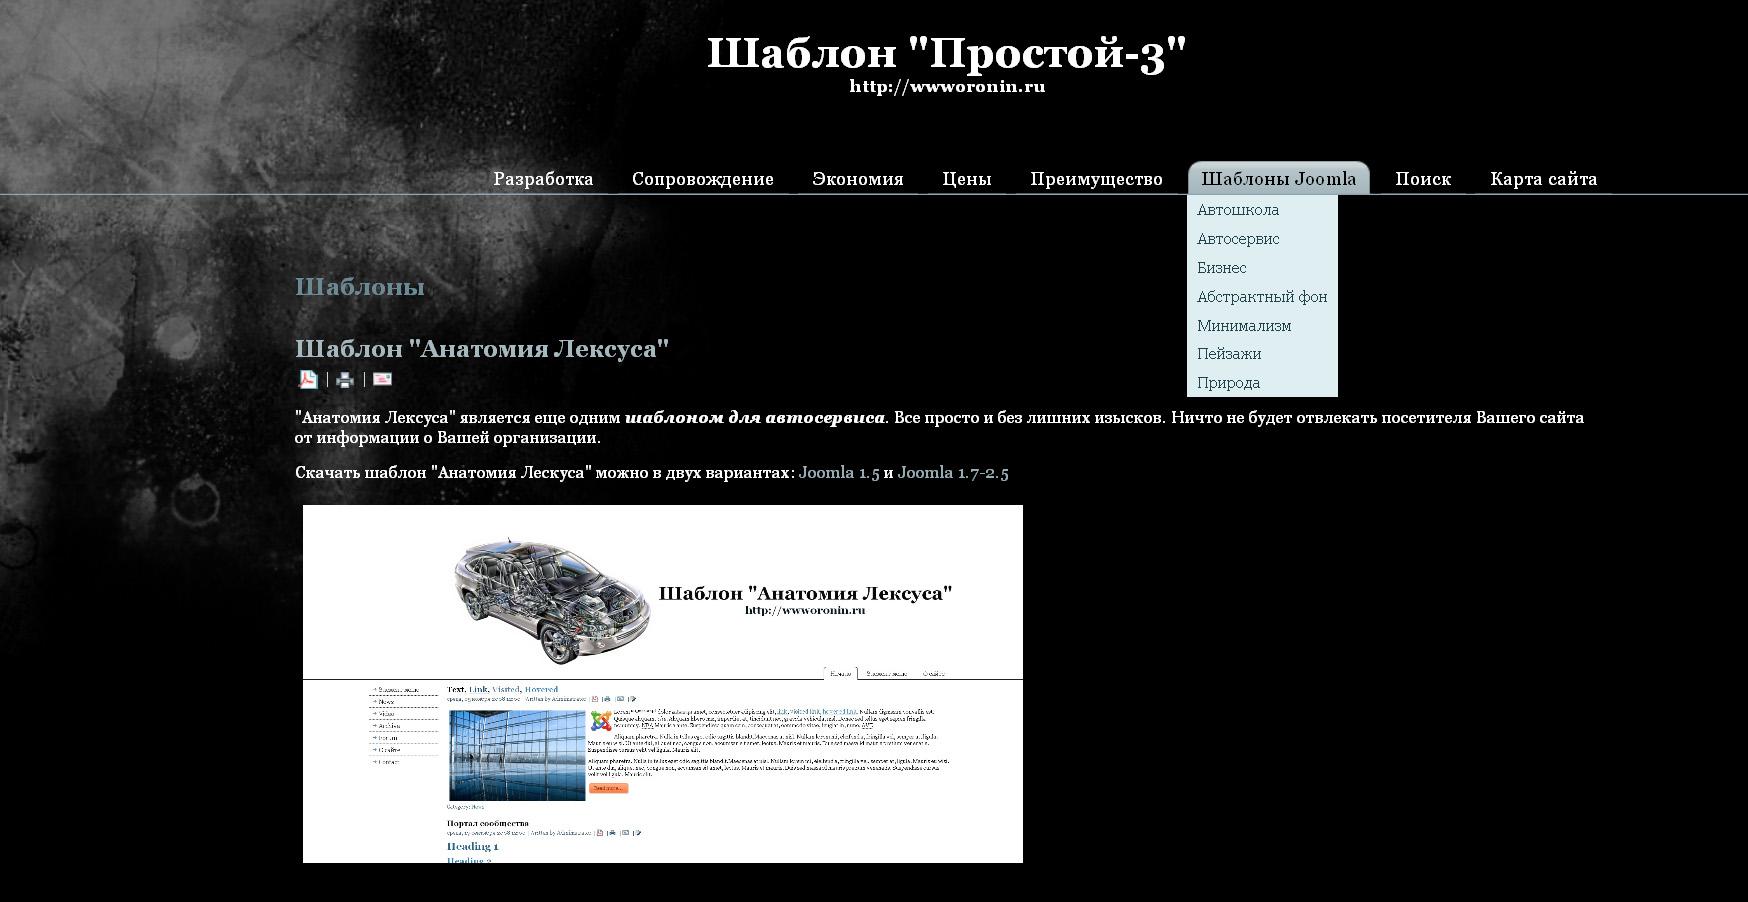 Шаблон «Простой-3»